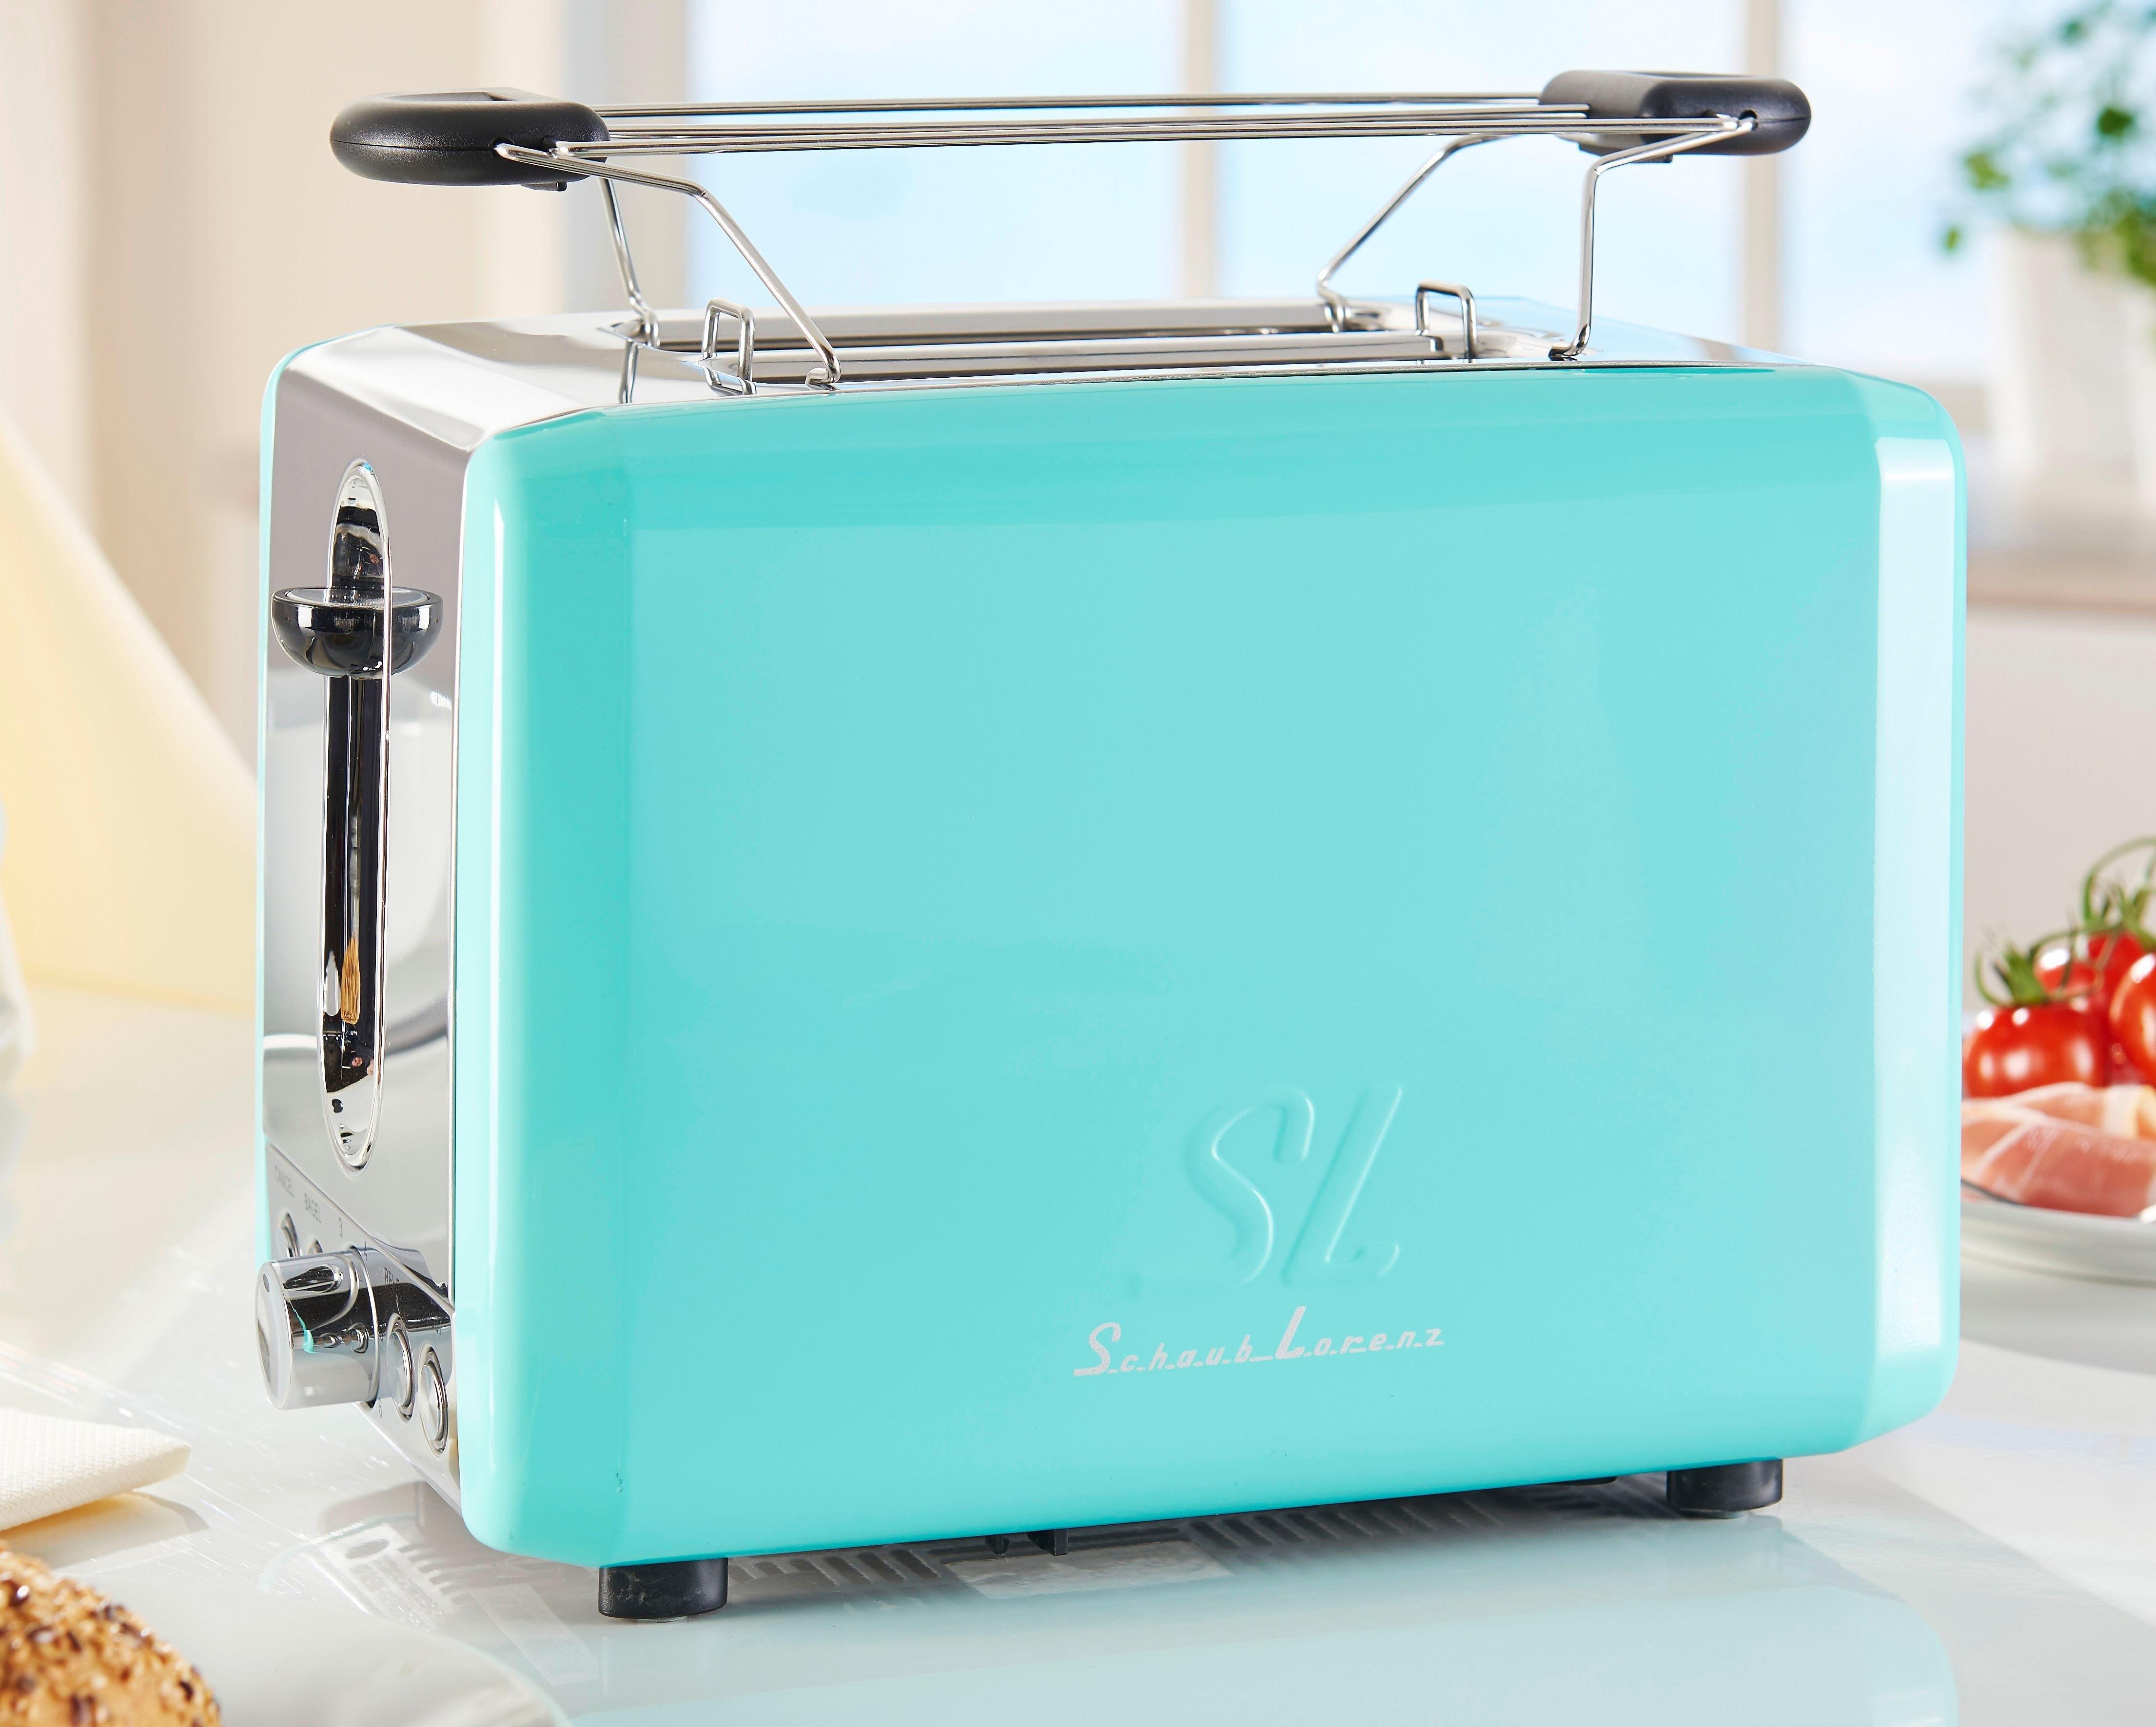 schaub lorenz toaster sl t2 1sm 850 w mint snel gevonden otto. Black Bedroom Furniture Sets. Home Design Ideas